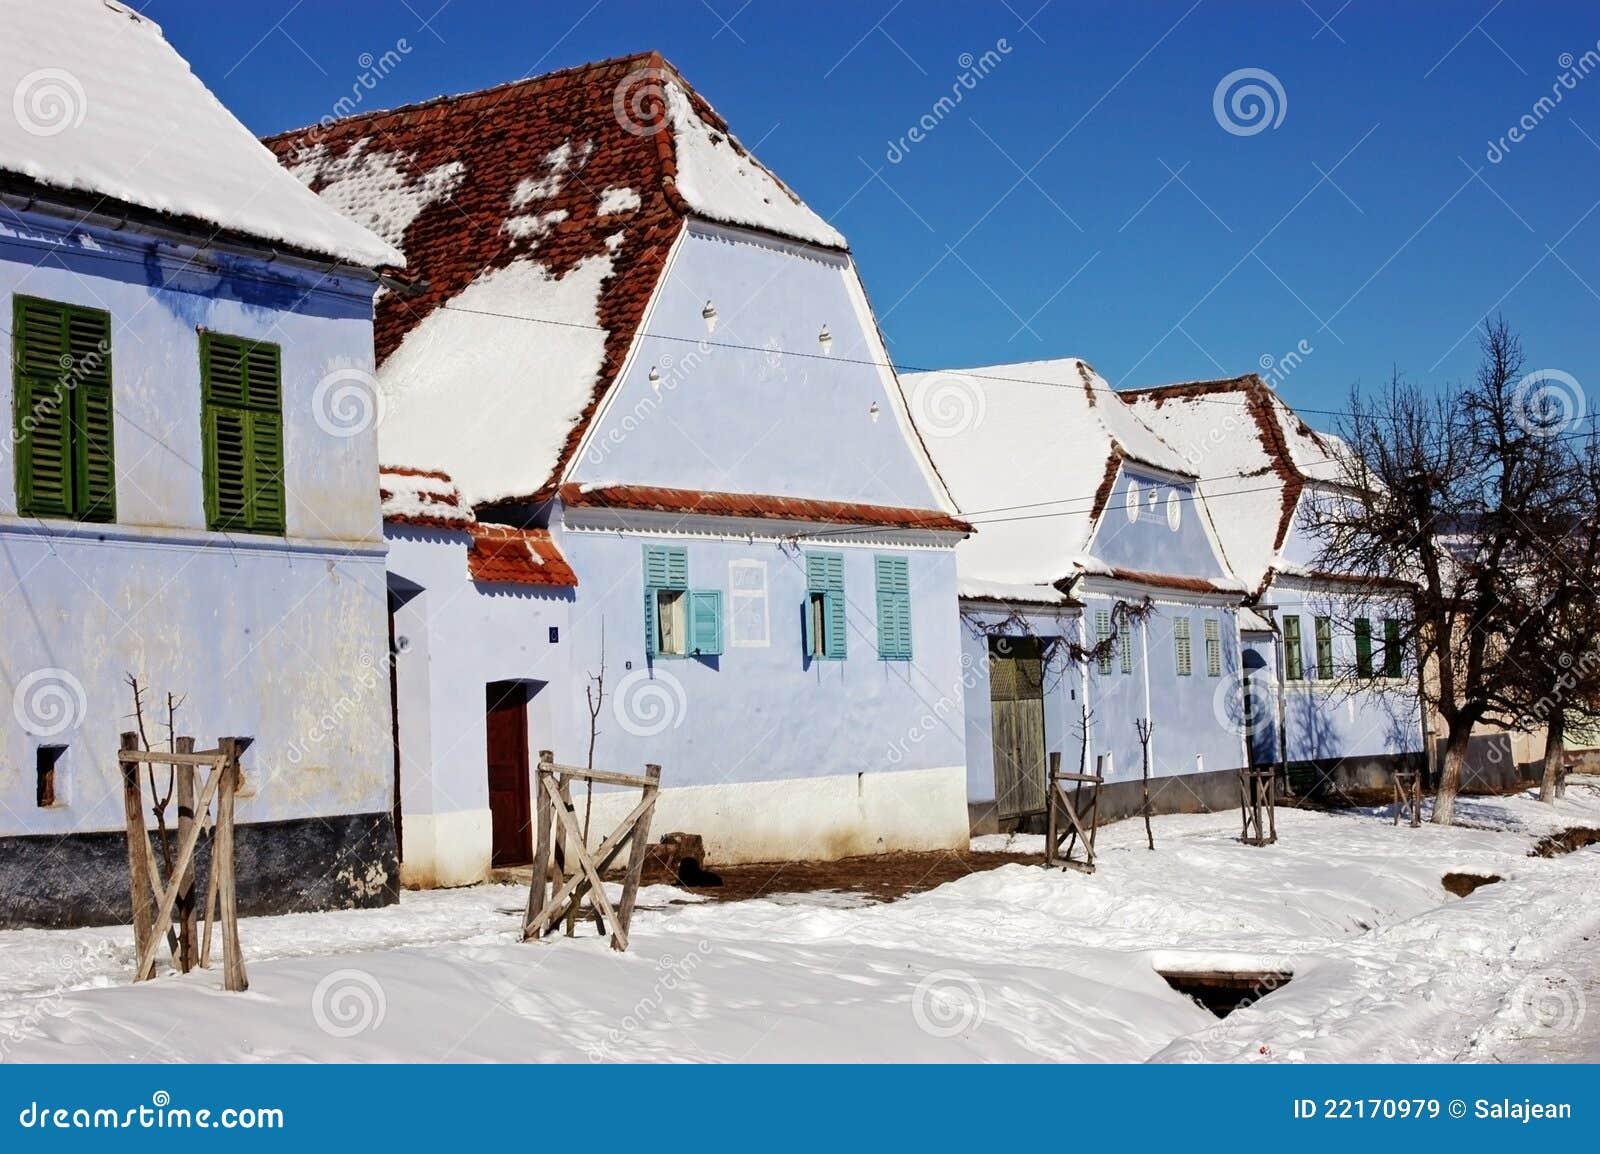 Saxon houses in viscri transylvania romania royalty free stock images image 22170979 - Saxon style houses in transylvania ...